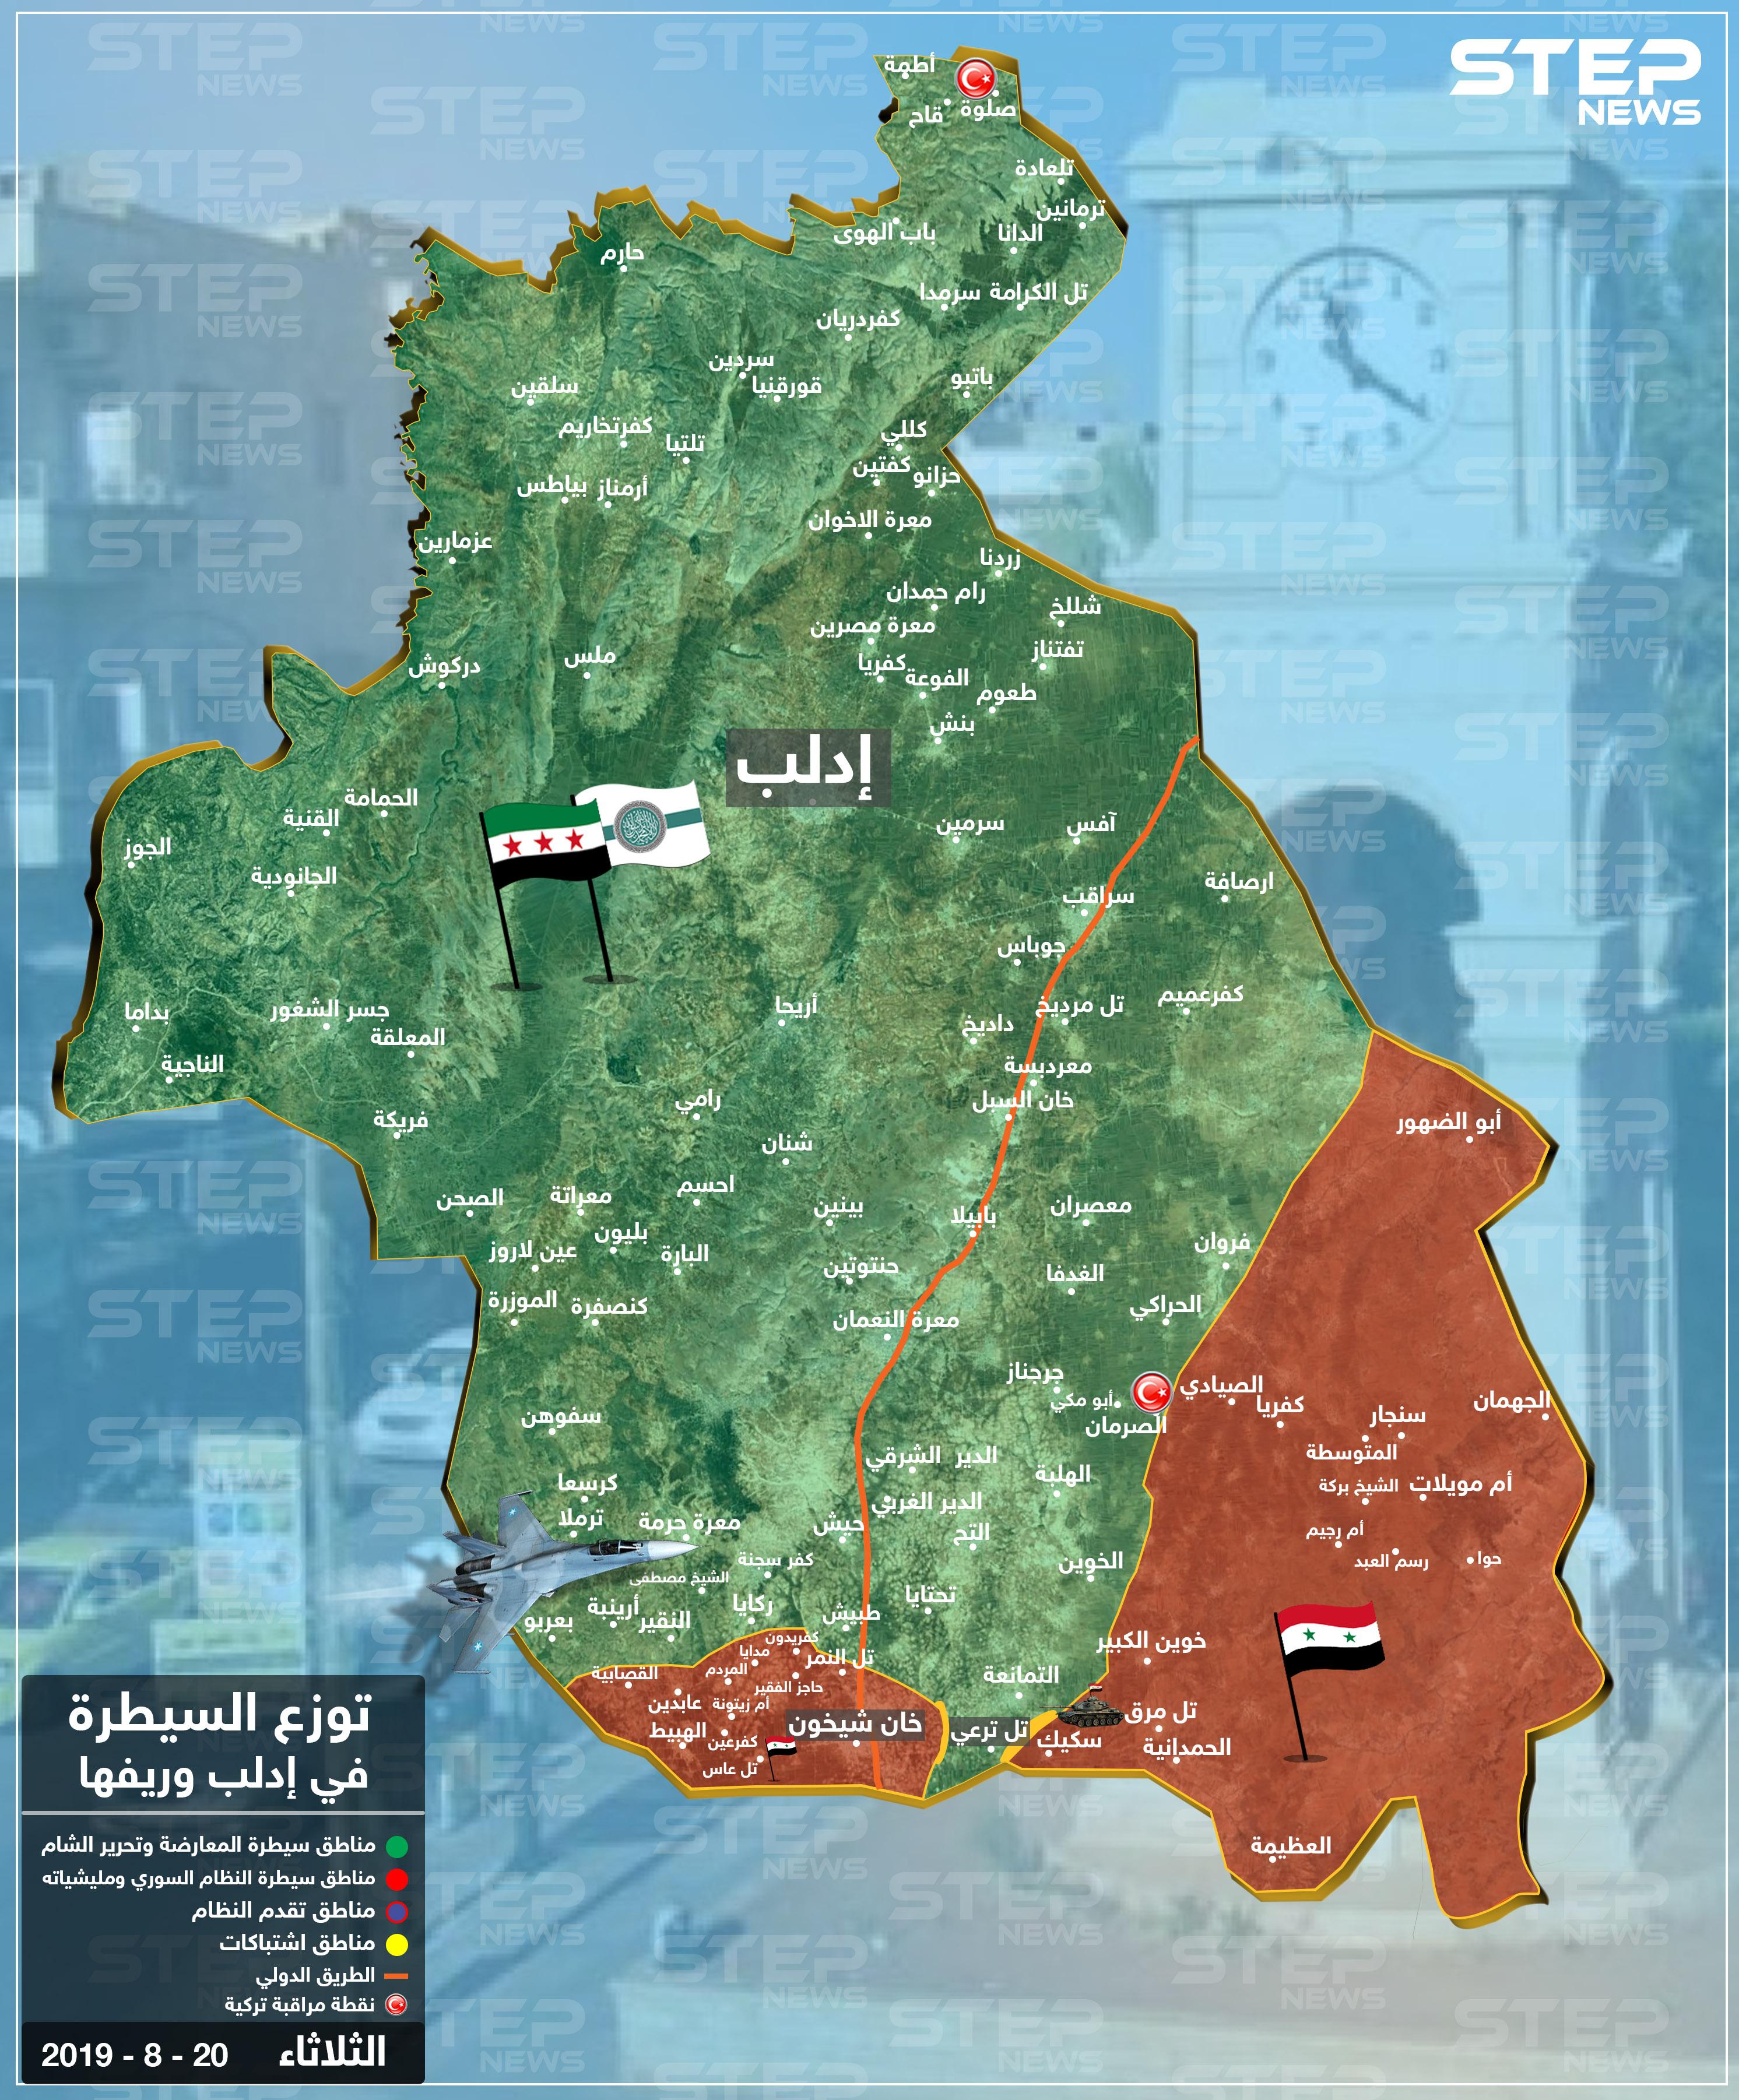 توزع السيطرة في ادلب وريفها بعد سيطرة قوات النظام على مدينة خان شيخون ومحيطها